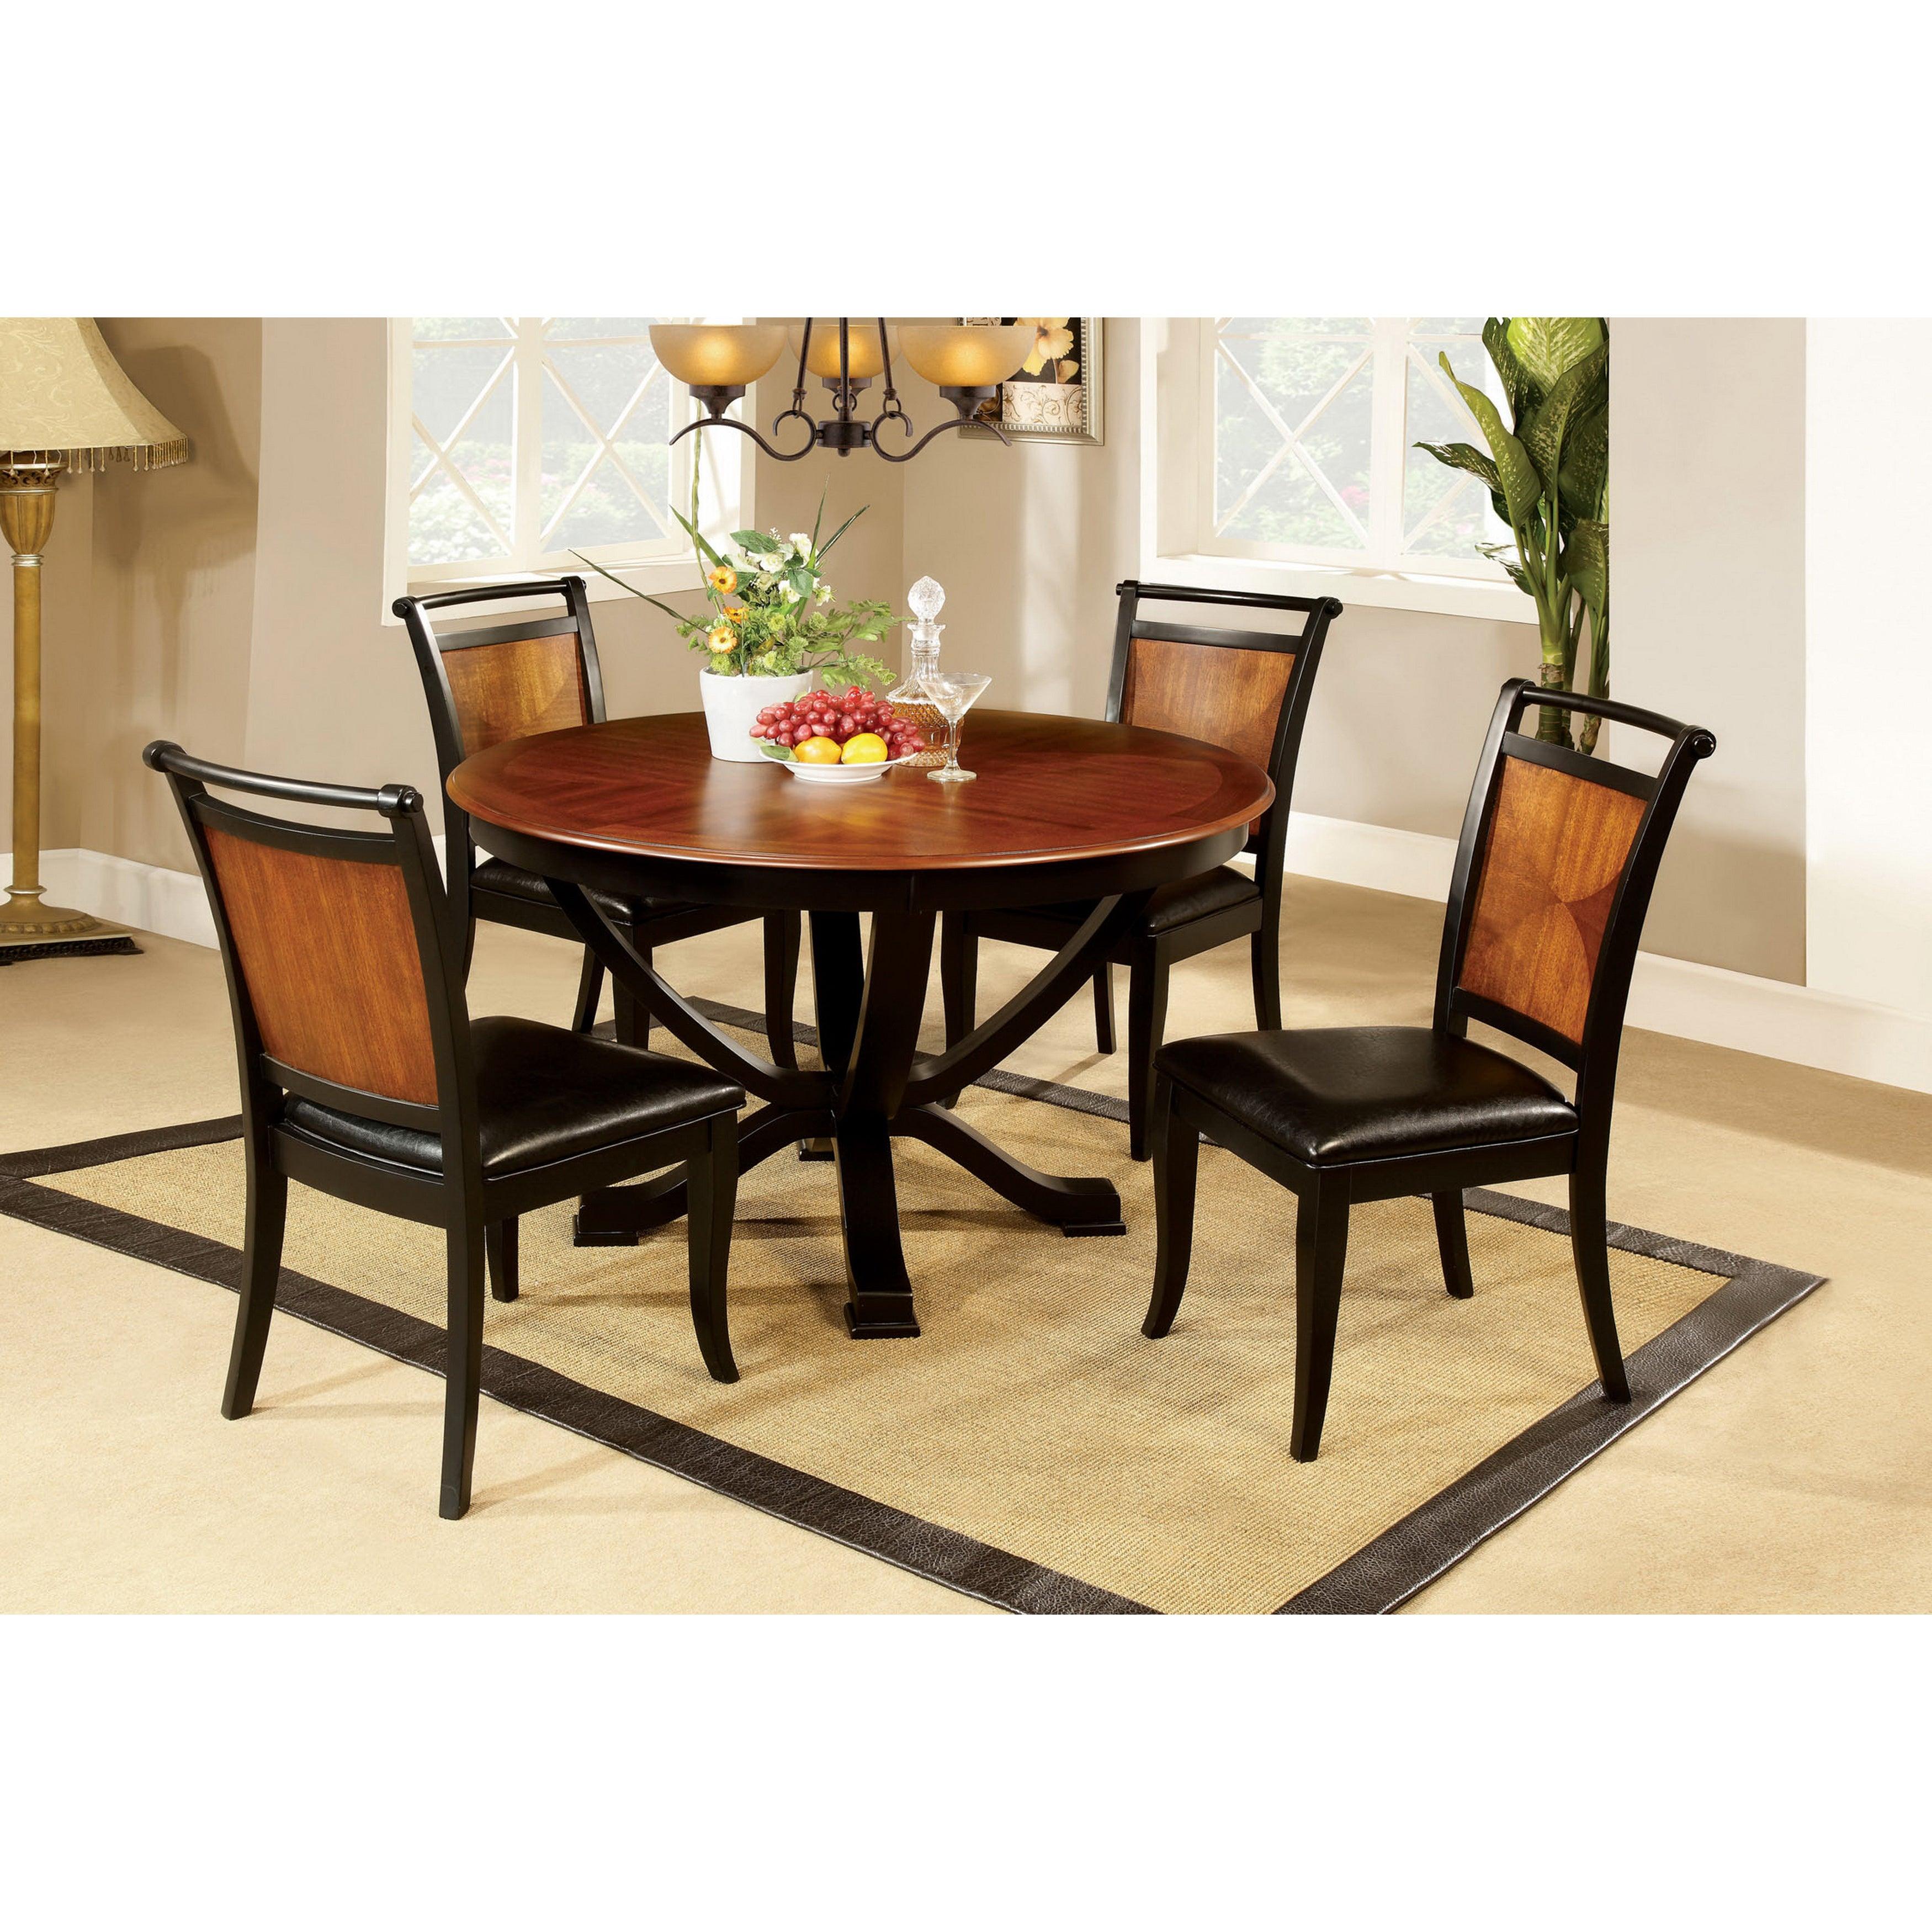 modern dining sets buy dining room bar furniture sets dining room bar buy dining furniture